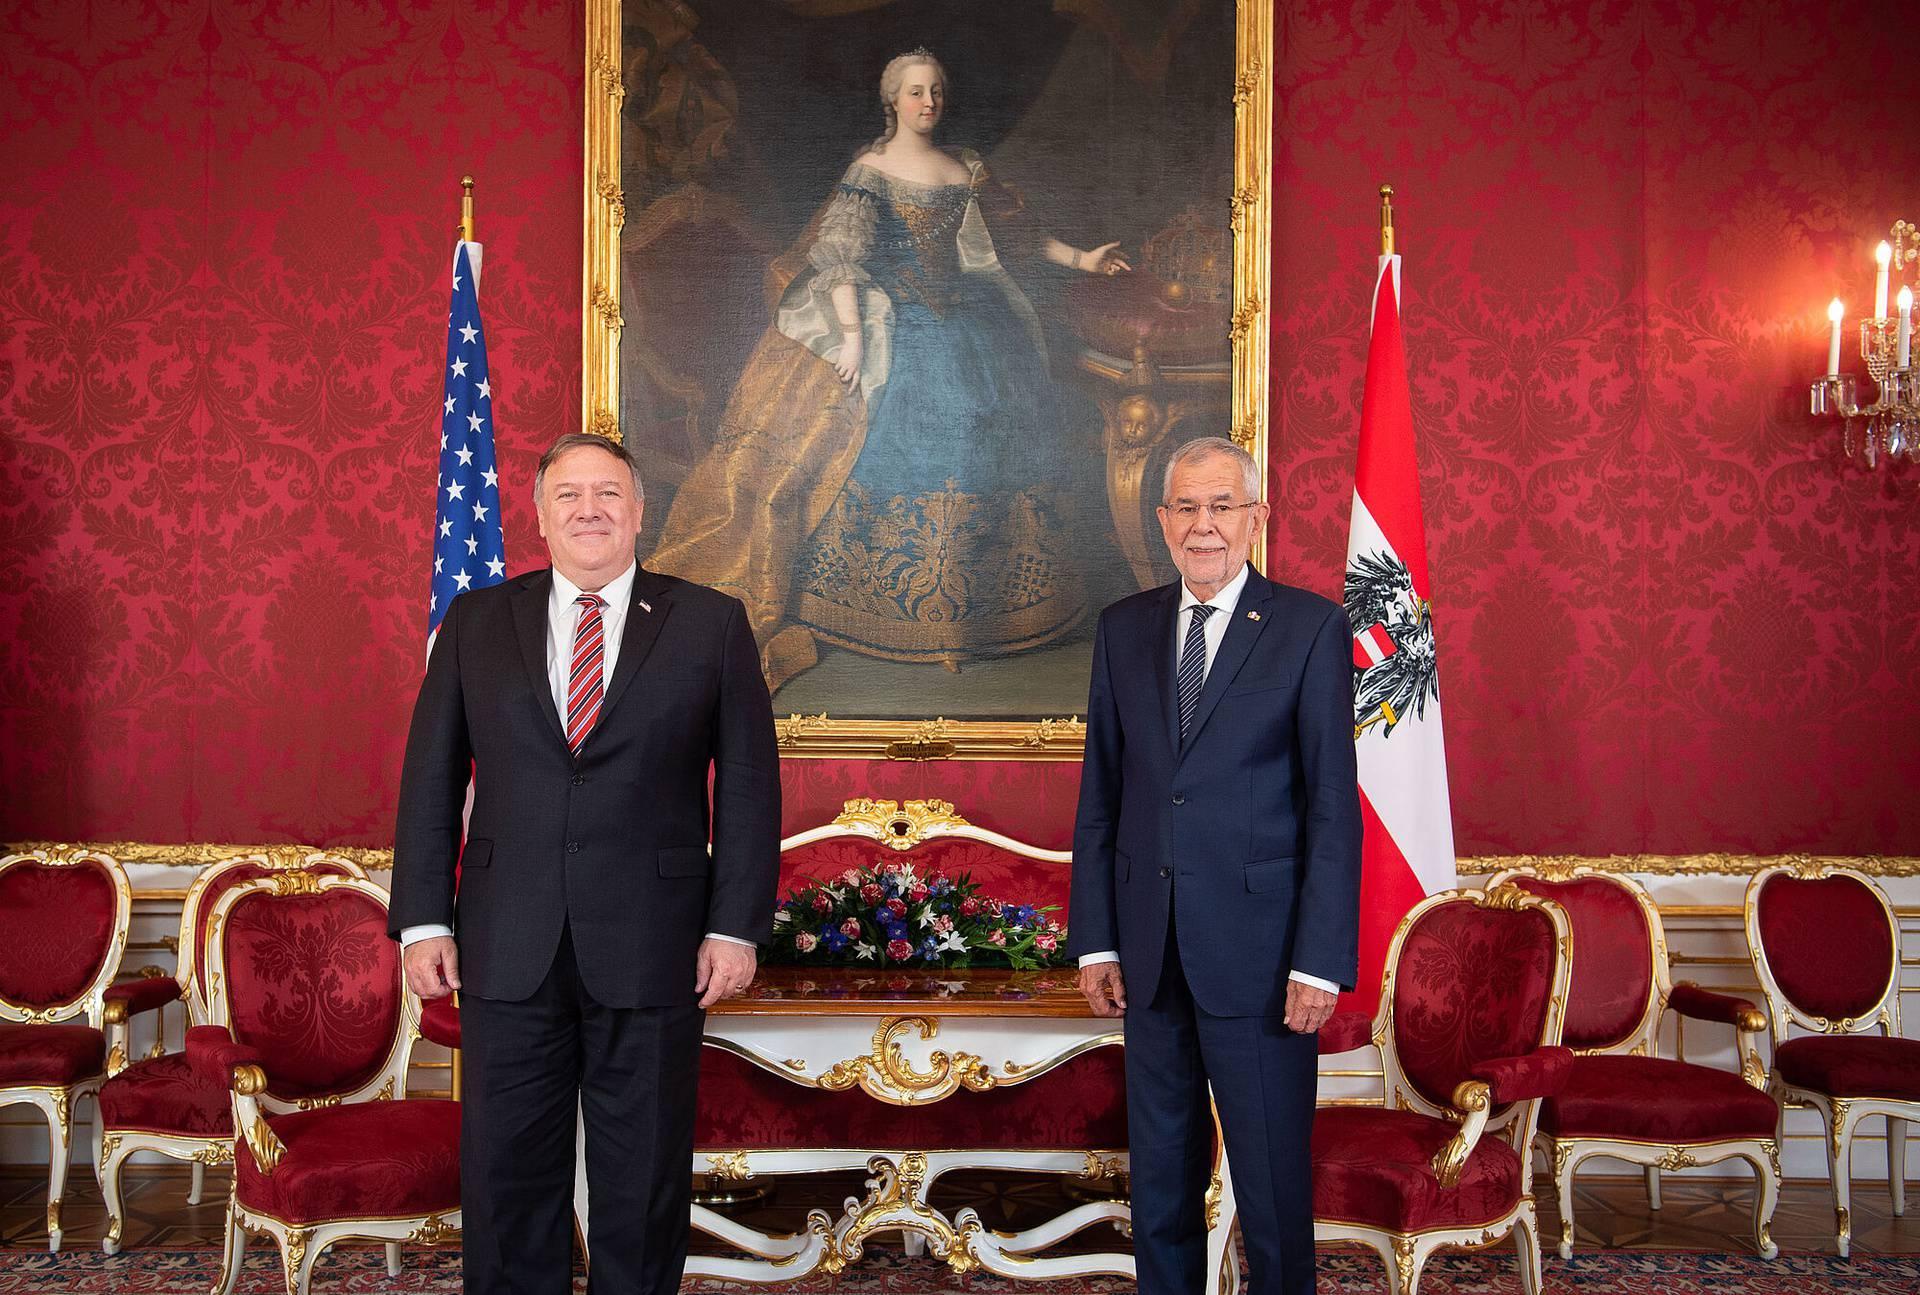 Pompeo u Austriji: Prozvao Kinu i lobirao protiv Rusije i Irana...